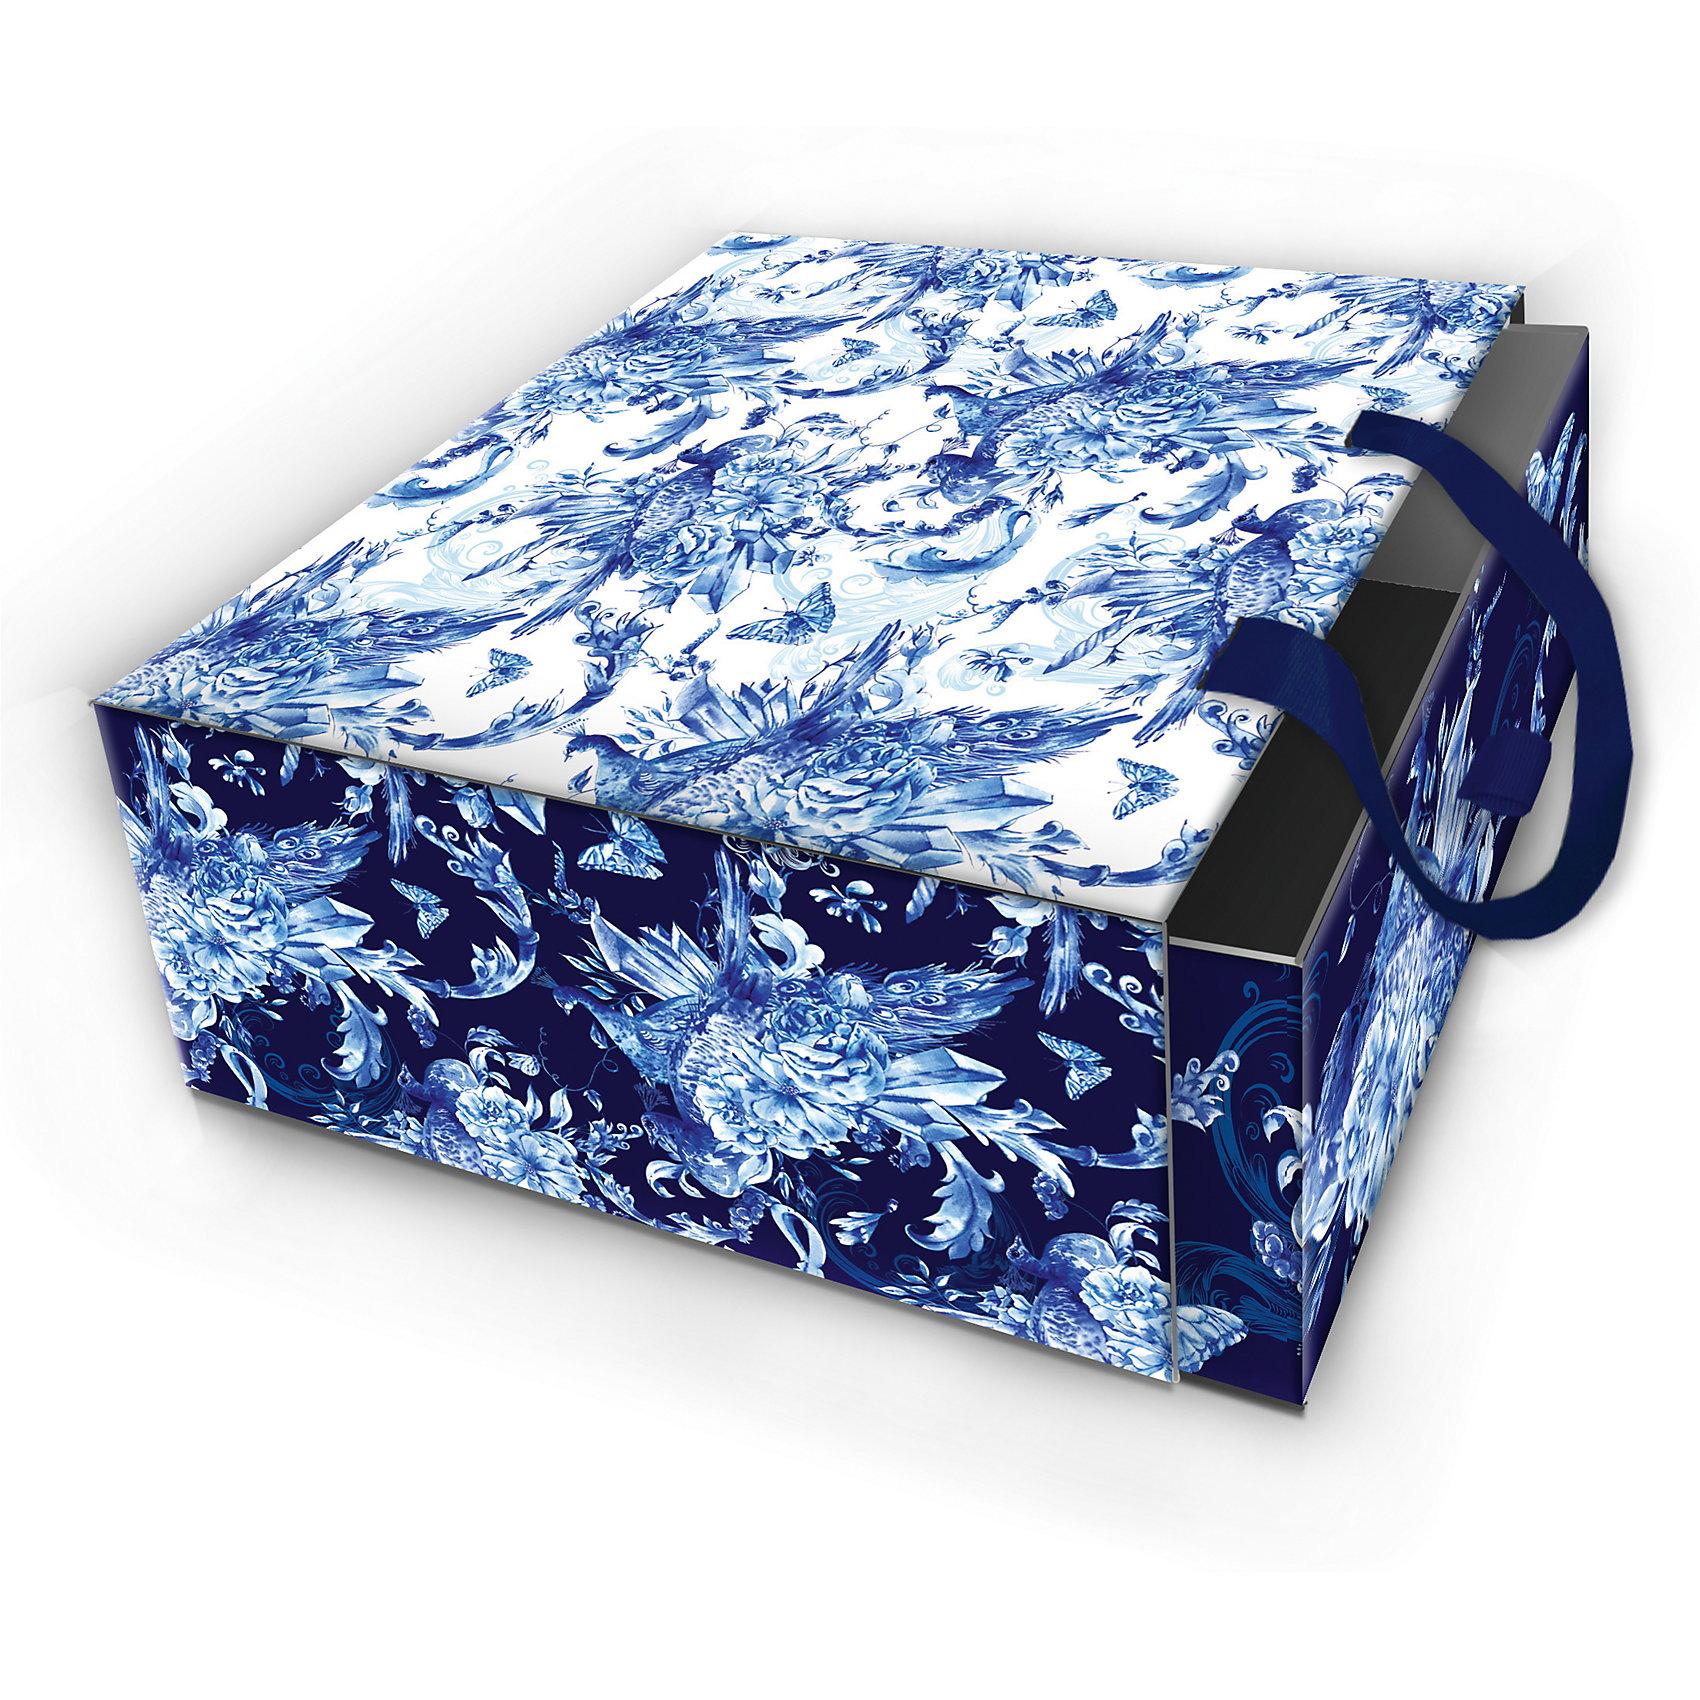 Коробка подарочная Голубые цветы, 16х16х8см., Феникс-ПрезентКоробка подарочная Голубые цветы, 16х16х8см., Феникс-Презент<br><br>Характеристики:<br><br>• оригинальный дизайн<br>• удобные ручки на внешней стороне<br>• петелька на внутренней части<br>• размер: 16х16х8 см<br>• материал: ламинированный картон, текстиль<br><br>Если вы хотите добавить подарку оригинальности - используйте необычную подарочную коробку. Коробка Голубые цветы изготовлена из прочного ламинированного картона. Она состоит из двух частей. Внутренняя часть вставляется в наружную. На внутренней части есть небольшая петелька, с помощью которой получатель с легкостью достанет подарок. Наружная часть имеет две красивые ручки для удобства переноски. Коробка оформлена красивым цветочным узором голубого оттенка.<br><br>Коробку подарочную Голубые цветы, 16х16х8см., Феникс-Презент можно купить в нашем интернет-магазине.<br><br>Ширина мм: 160<br>Глубина мм: 160<br>Высота мм: 80<br>Вес г: 121<br>Возраст от месяцев: 36<br>Возраст до месяцев: 2147483647<br>Пол: Унисекс<br>Возраст: Детский<br>SKU: 5449637